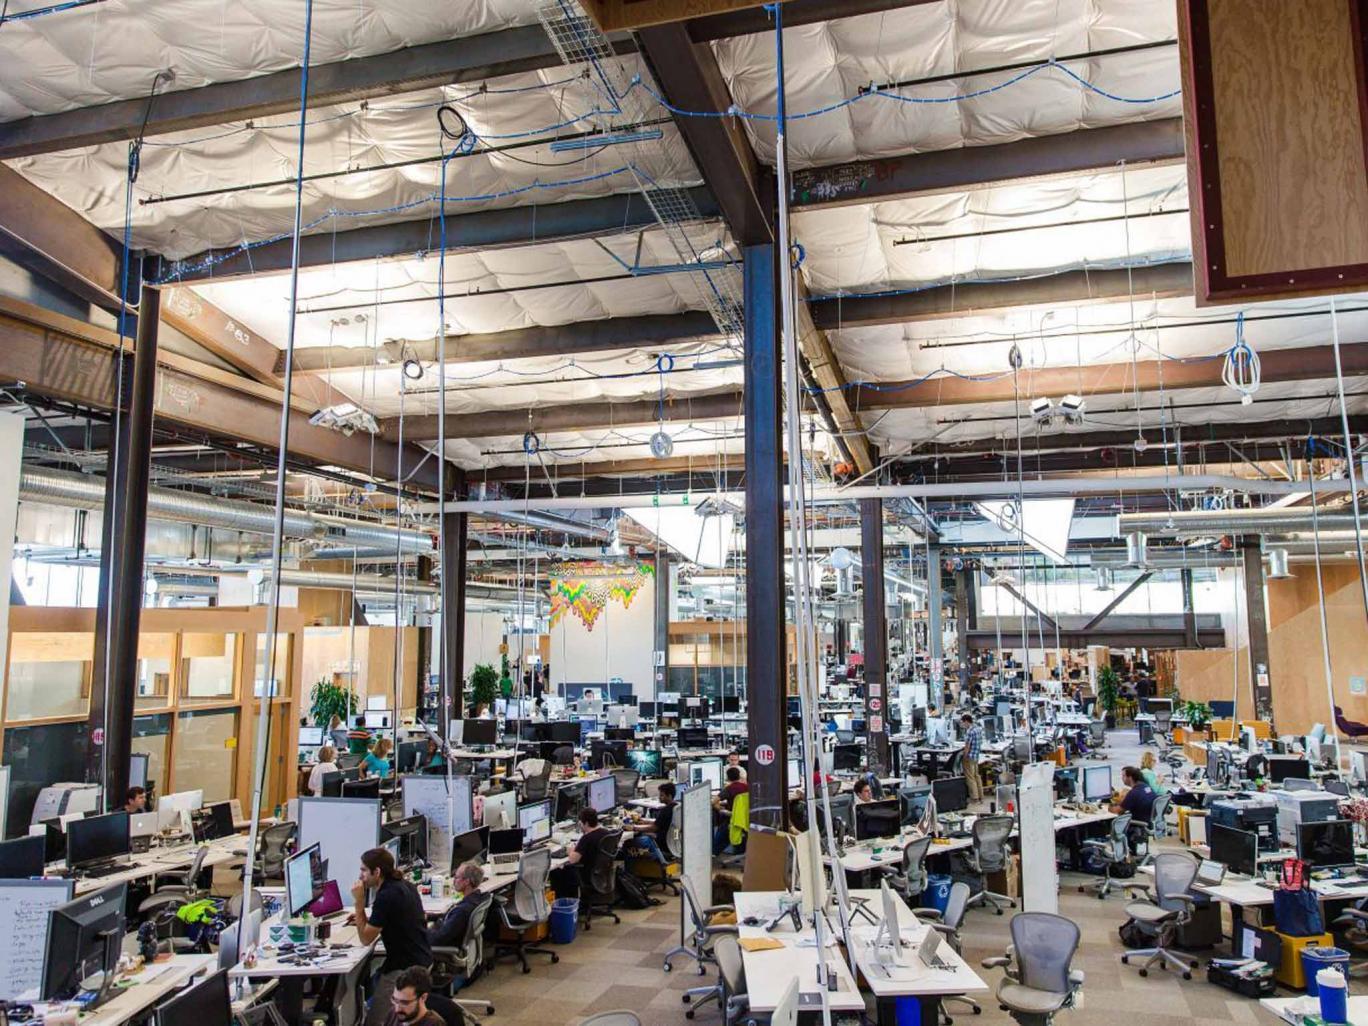 The New Headquarters Of Facebook, Located In Menlo Park, CA.